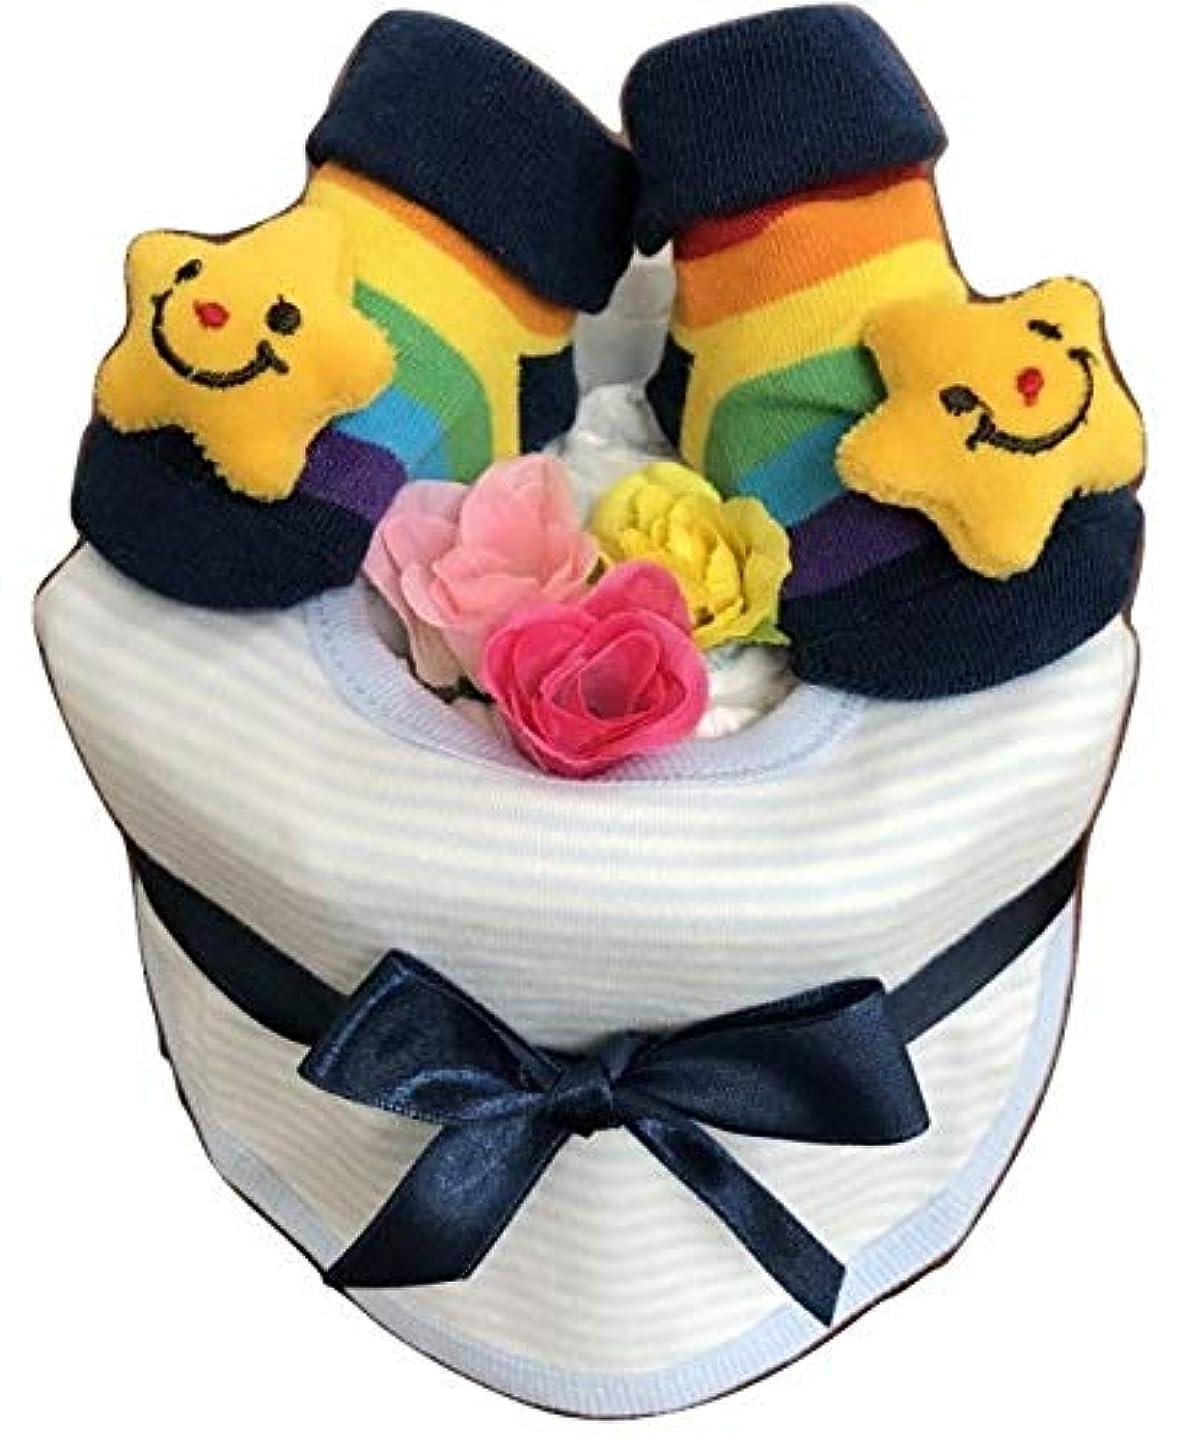 警告接ぎ木損なうおむつケーキ 出産祝い 男の子 スター 靴下 ベビースタイ Sサイズ